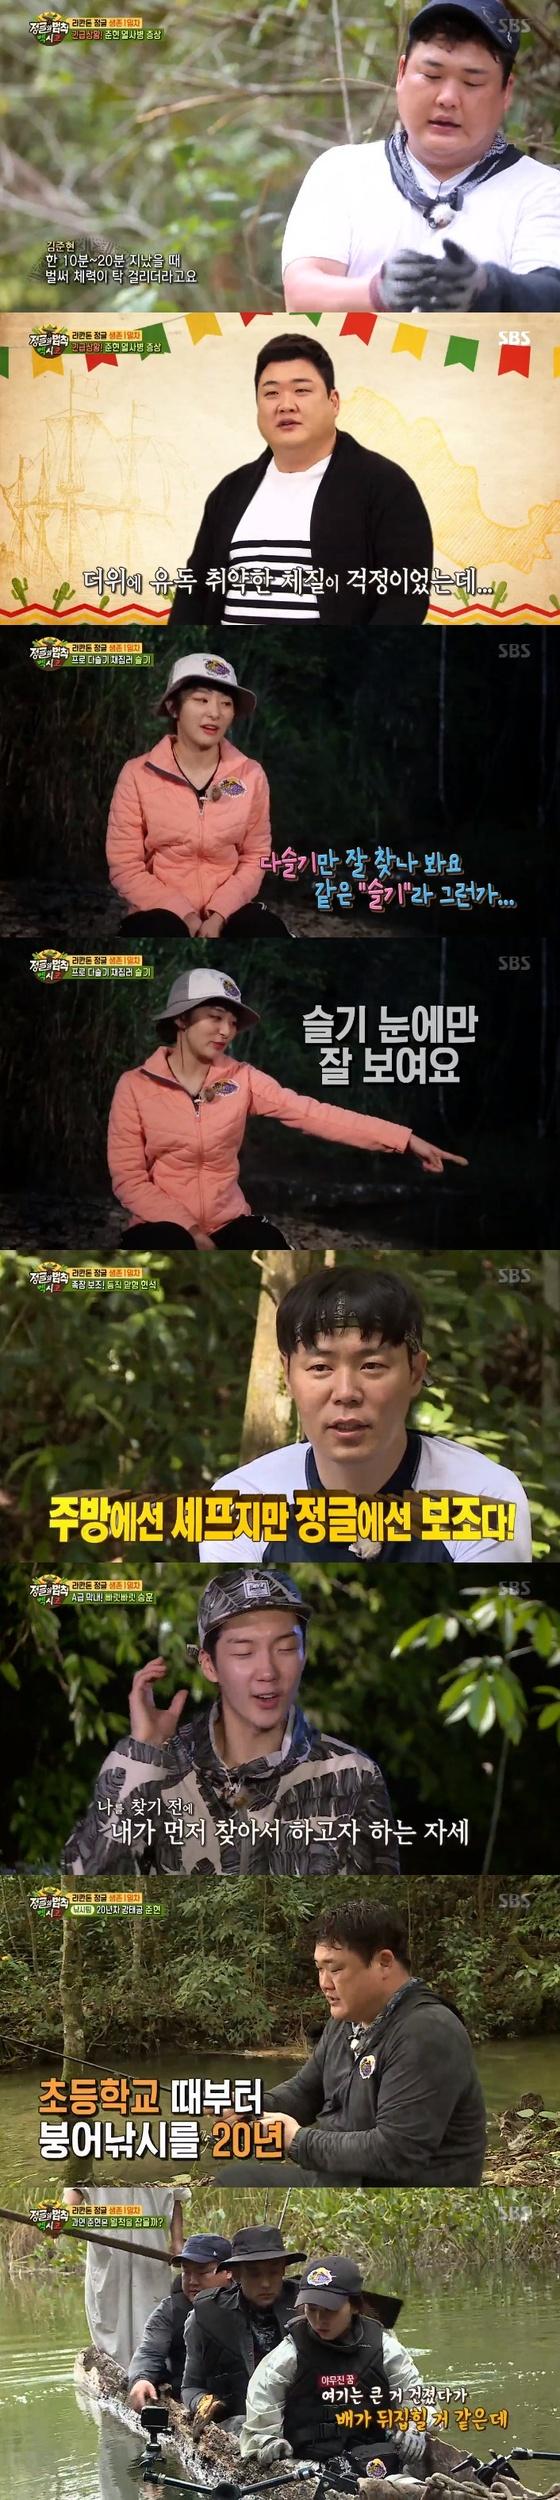 [RE:TV]'정글의법칙' 김준현, 시작부터 체력 고갈…다슬기 사냥꾼 슬기